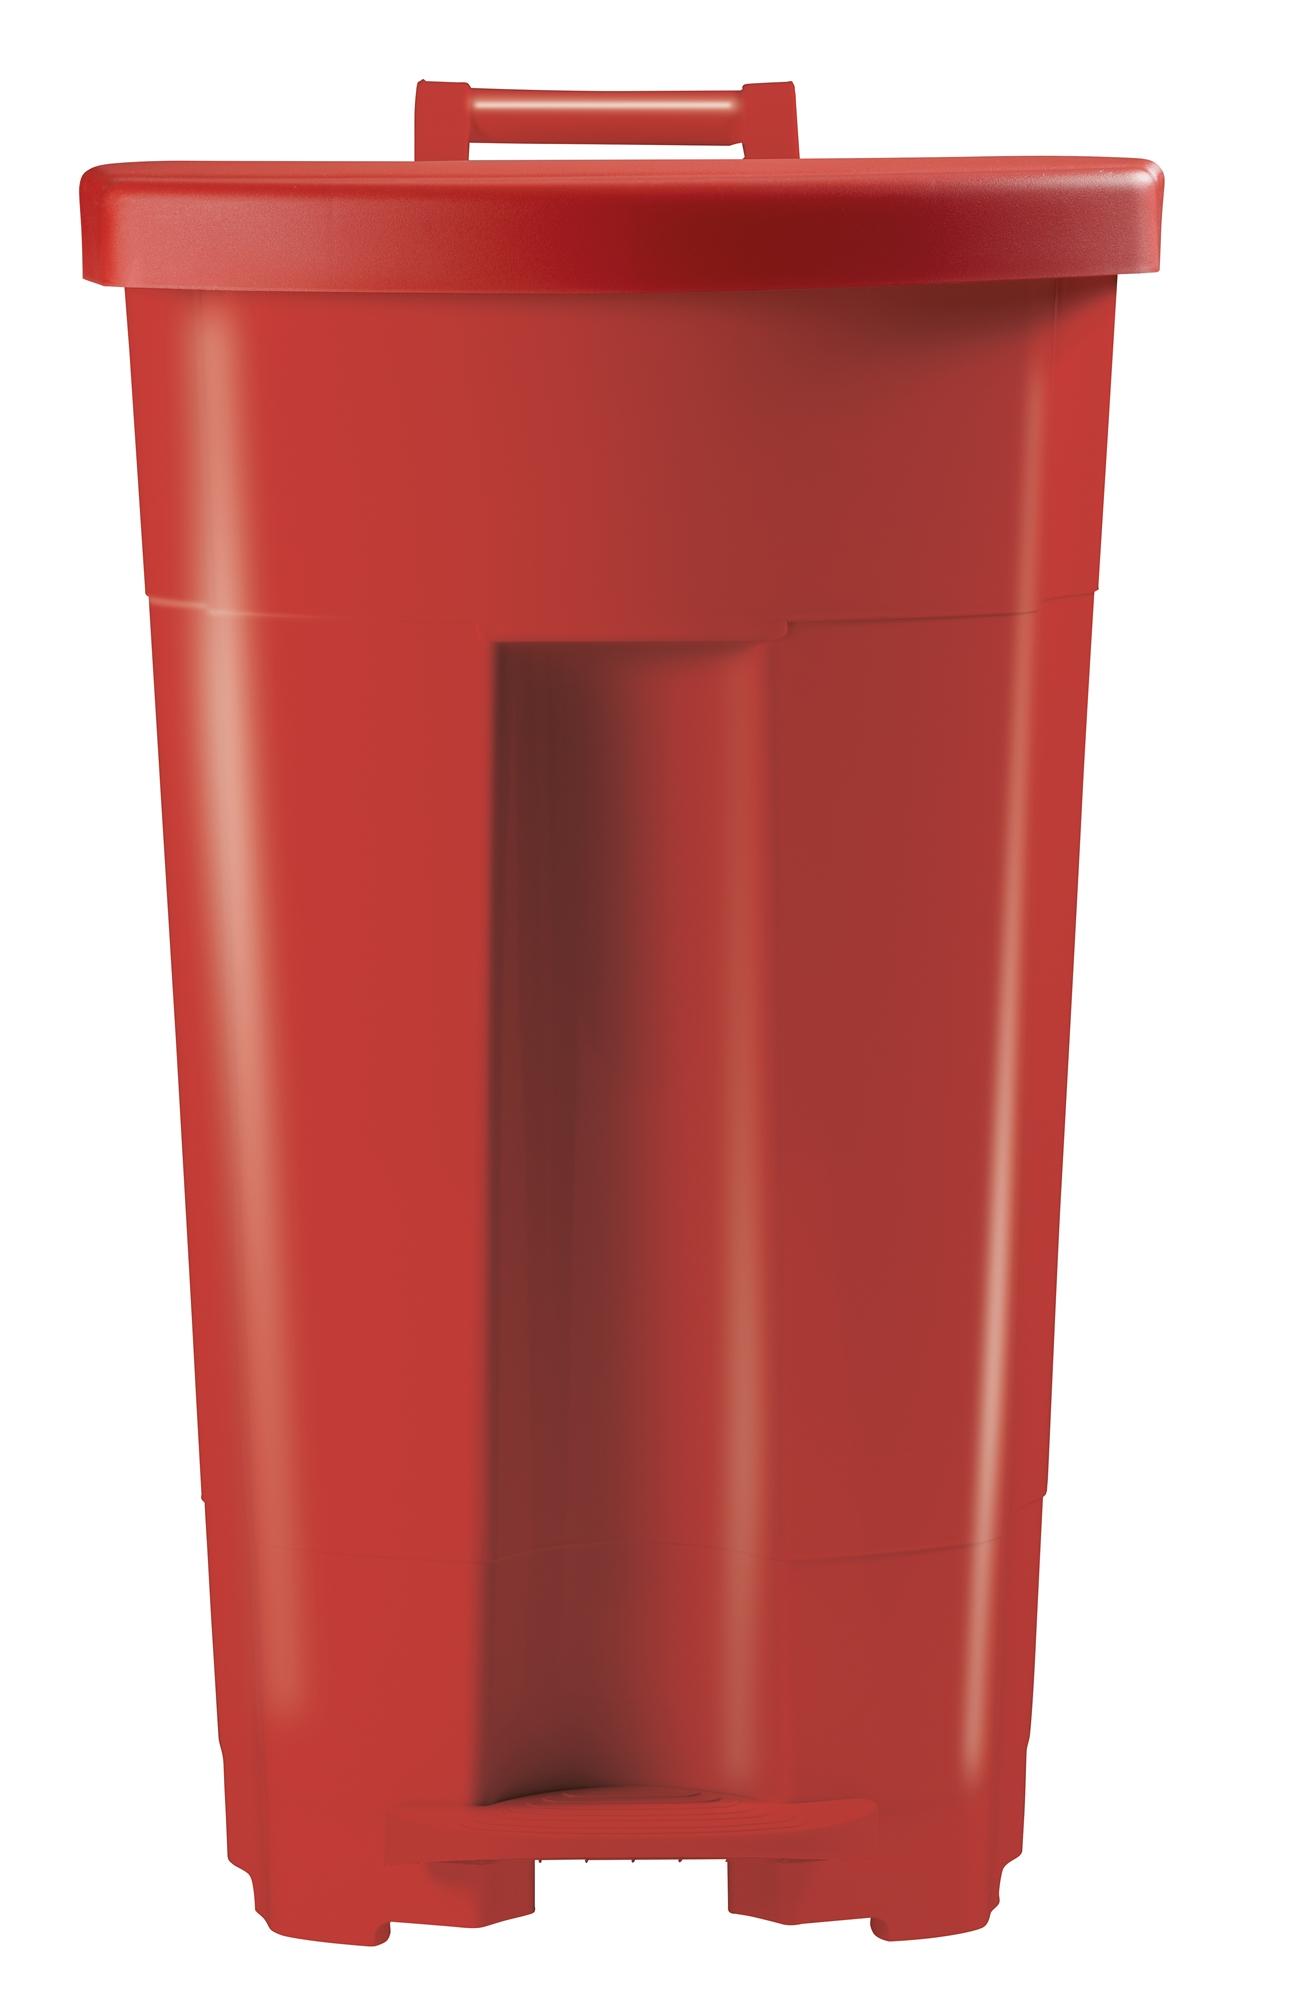 Poubelle tri s lectif cuisine rossignol 90 l rouge for Poubelle cuisine rossignol